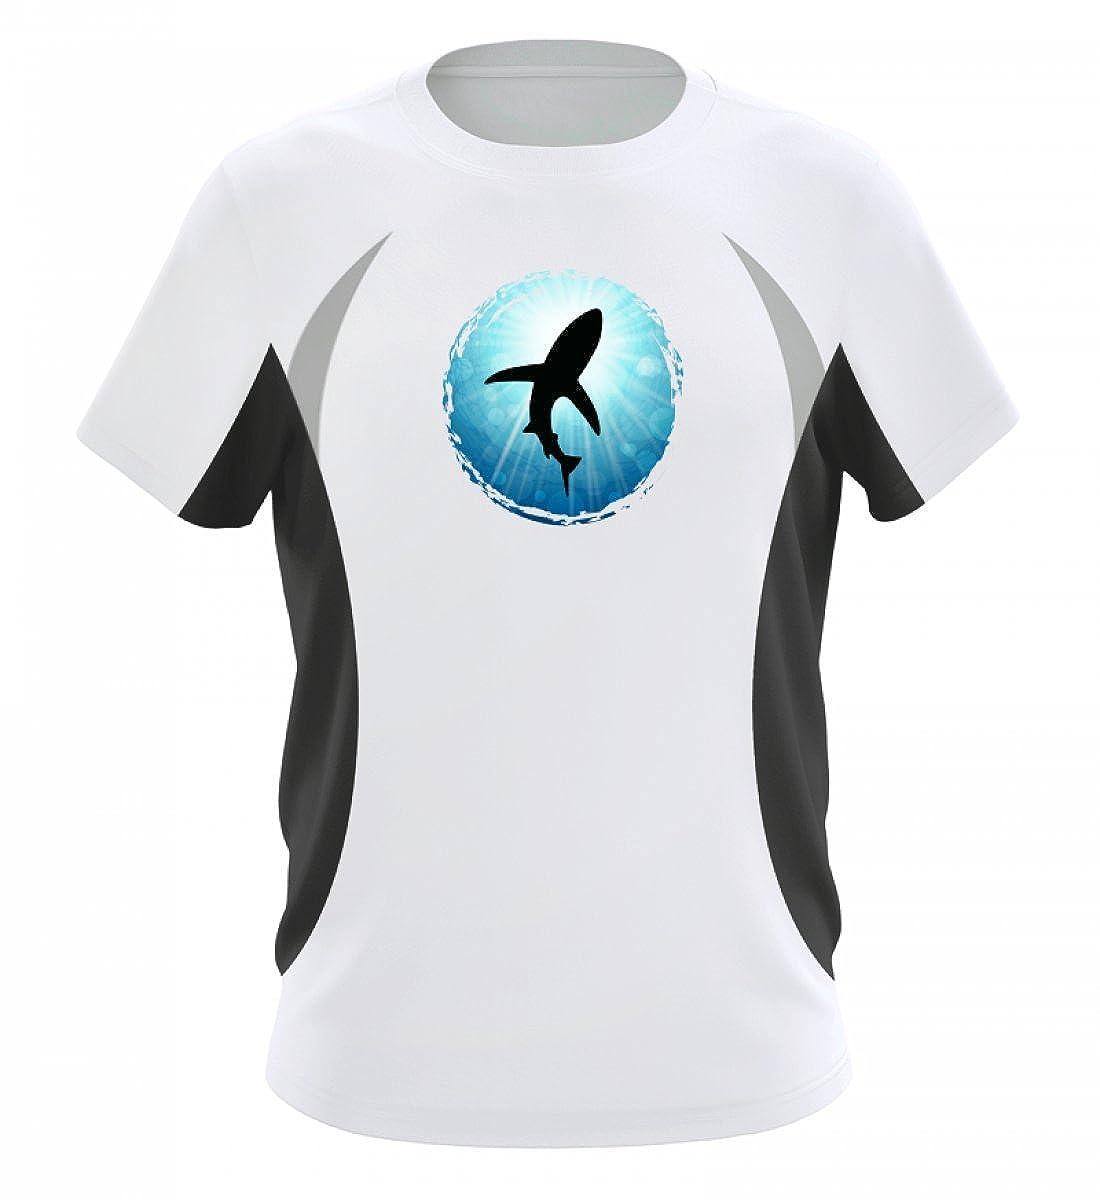 XASTY Tauchen Gerä tetauchen Freitauchen Apnoe T-Shirts Hoodies Hai Ocean Taucher Tauch - Herren Laufshirt Tailliert Geschnitten Shirtee D43YWLCA_JN391__S__6757